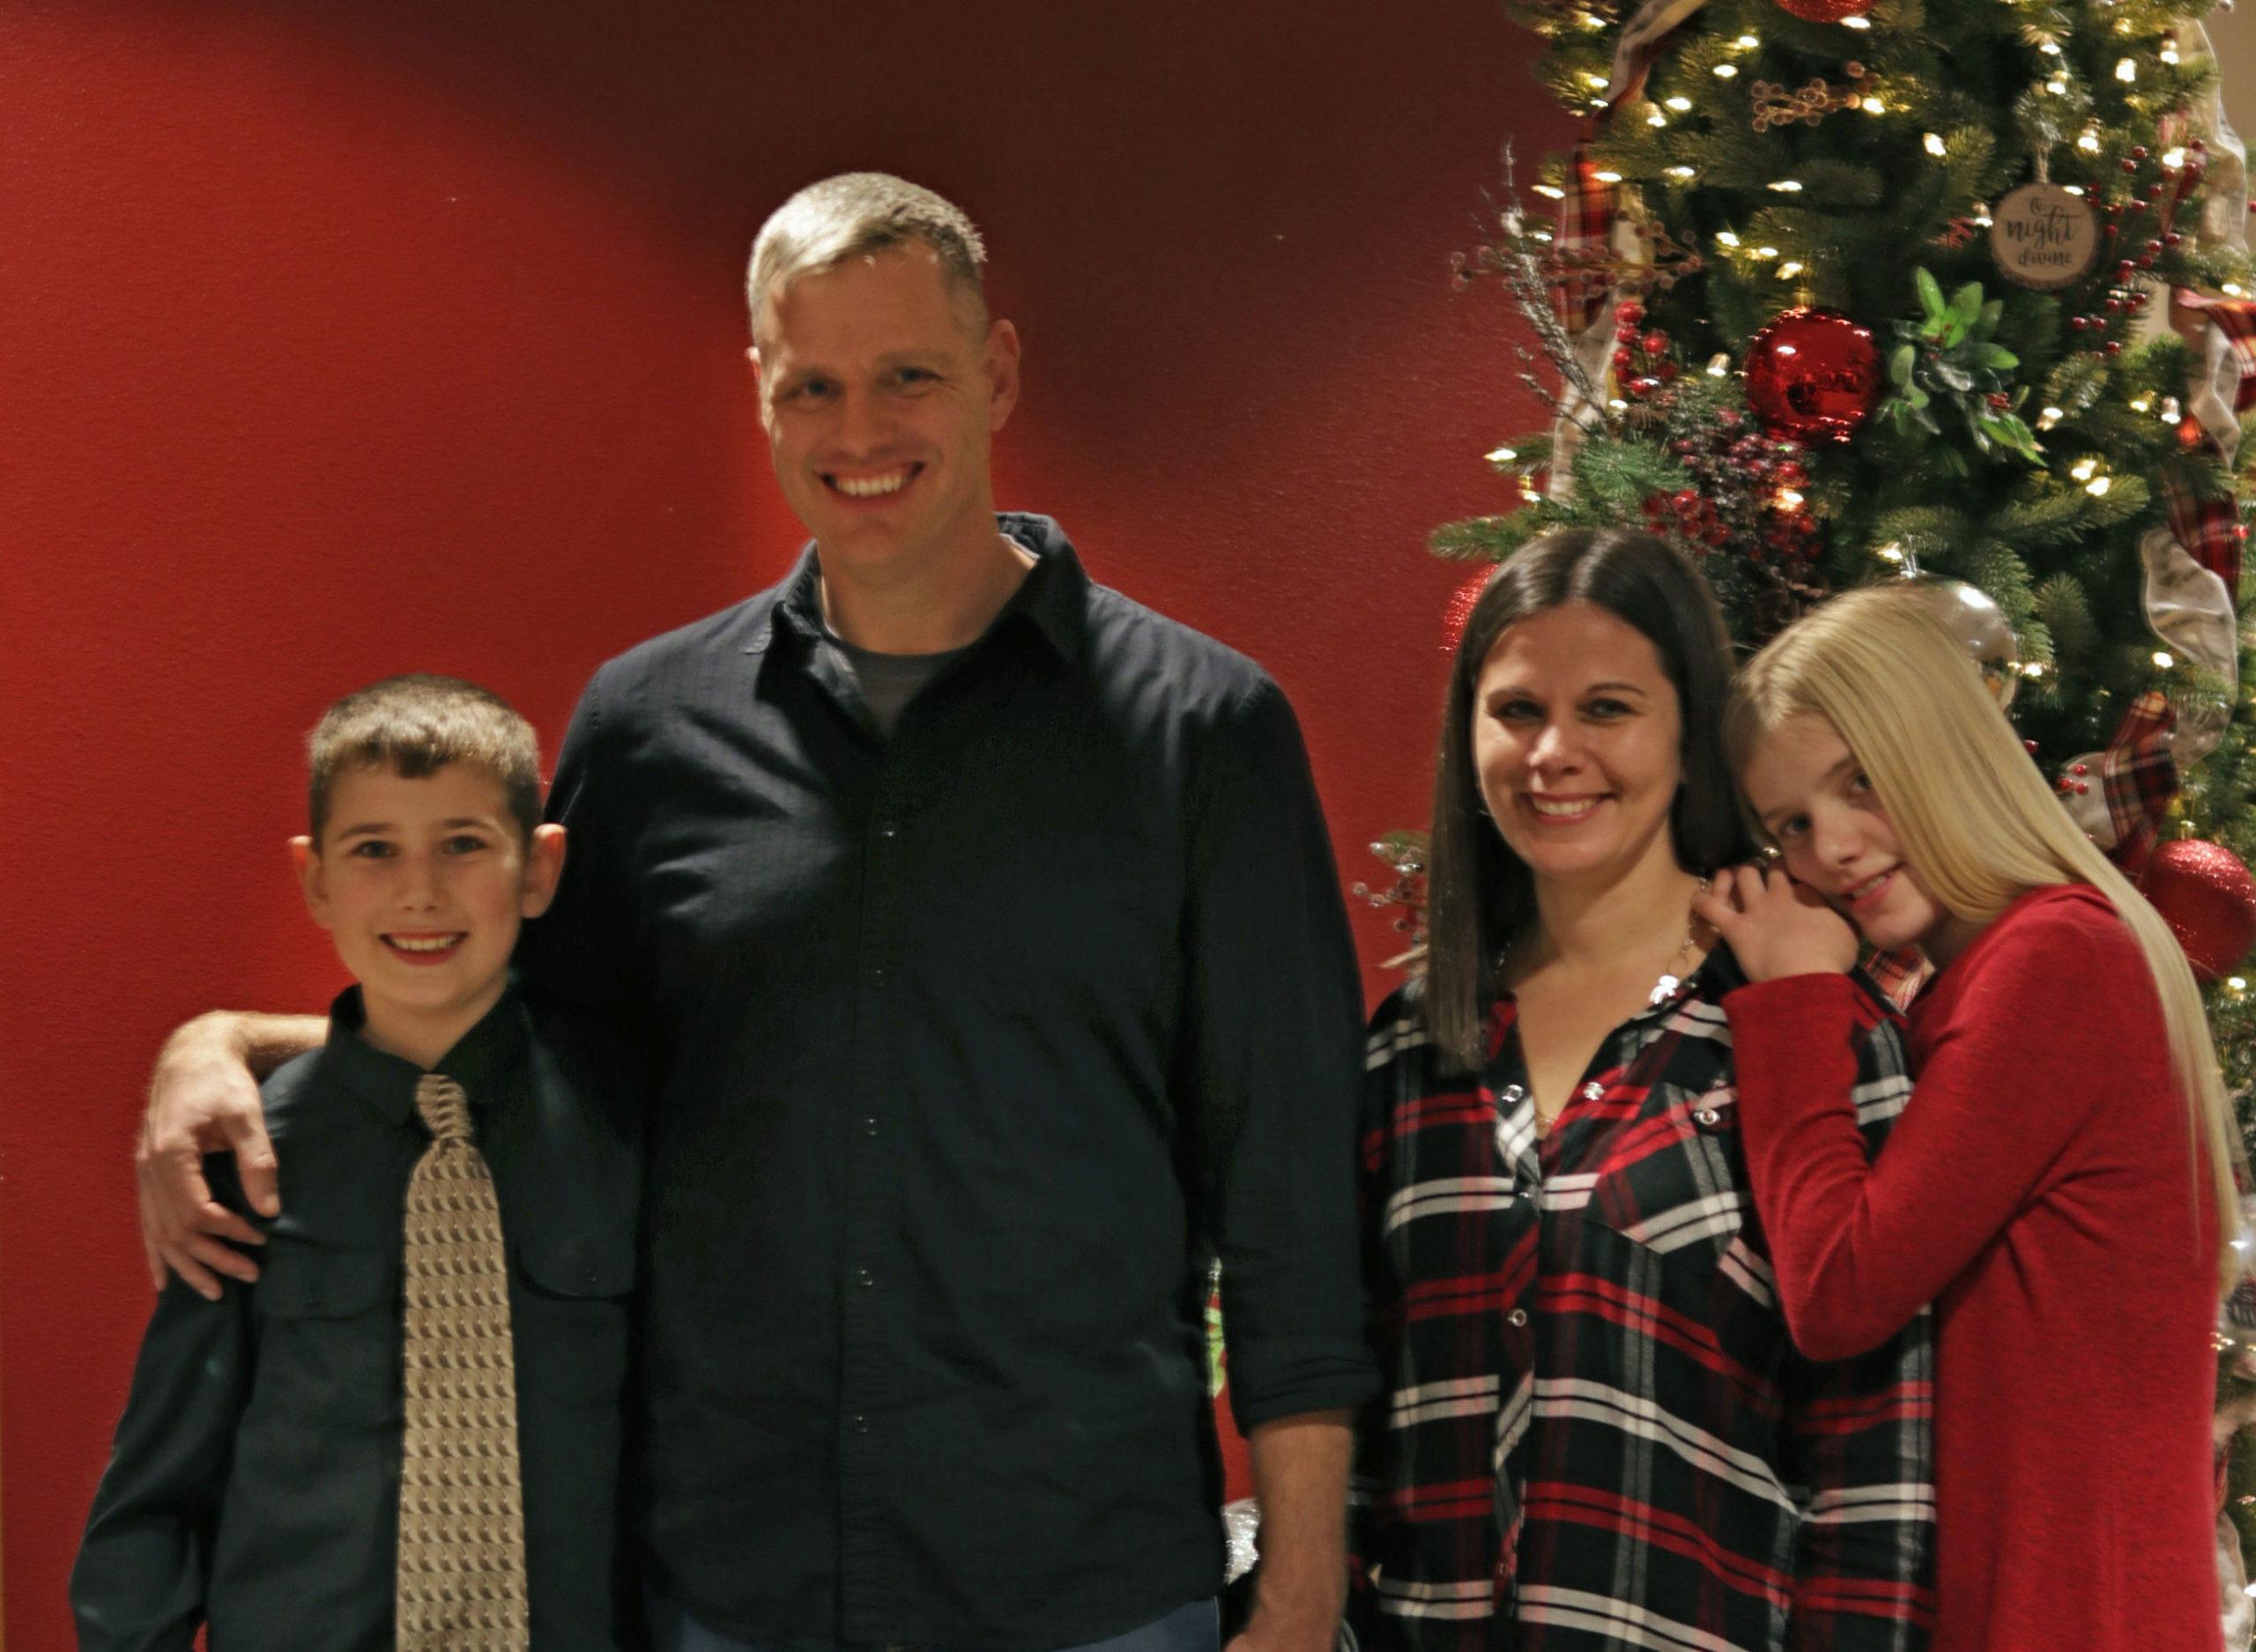 The Barton Family